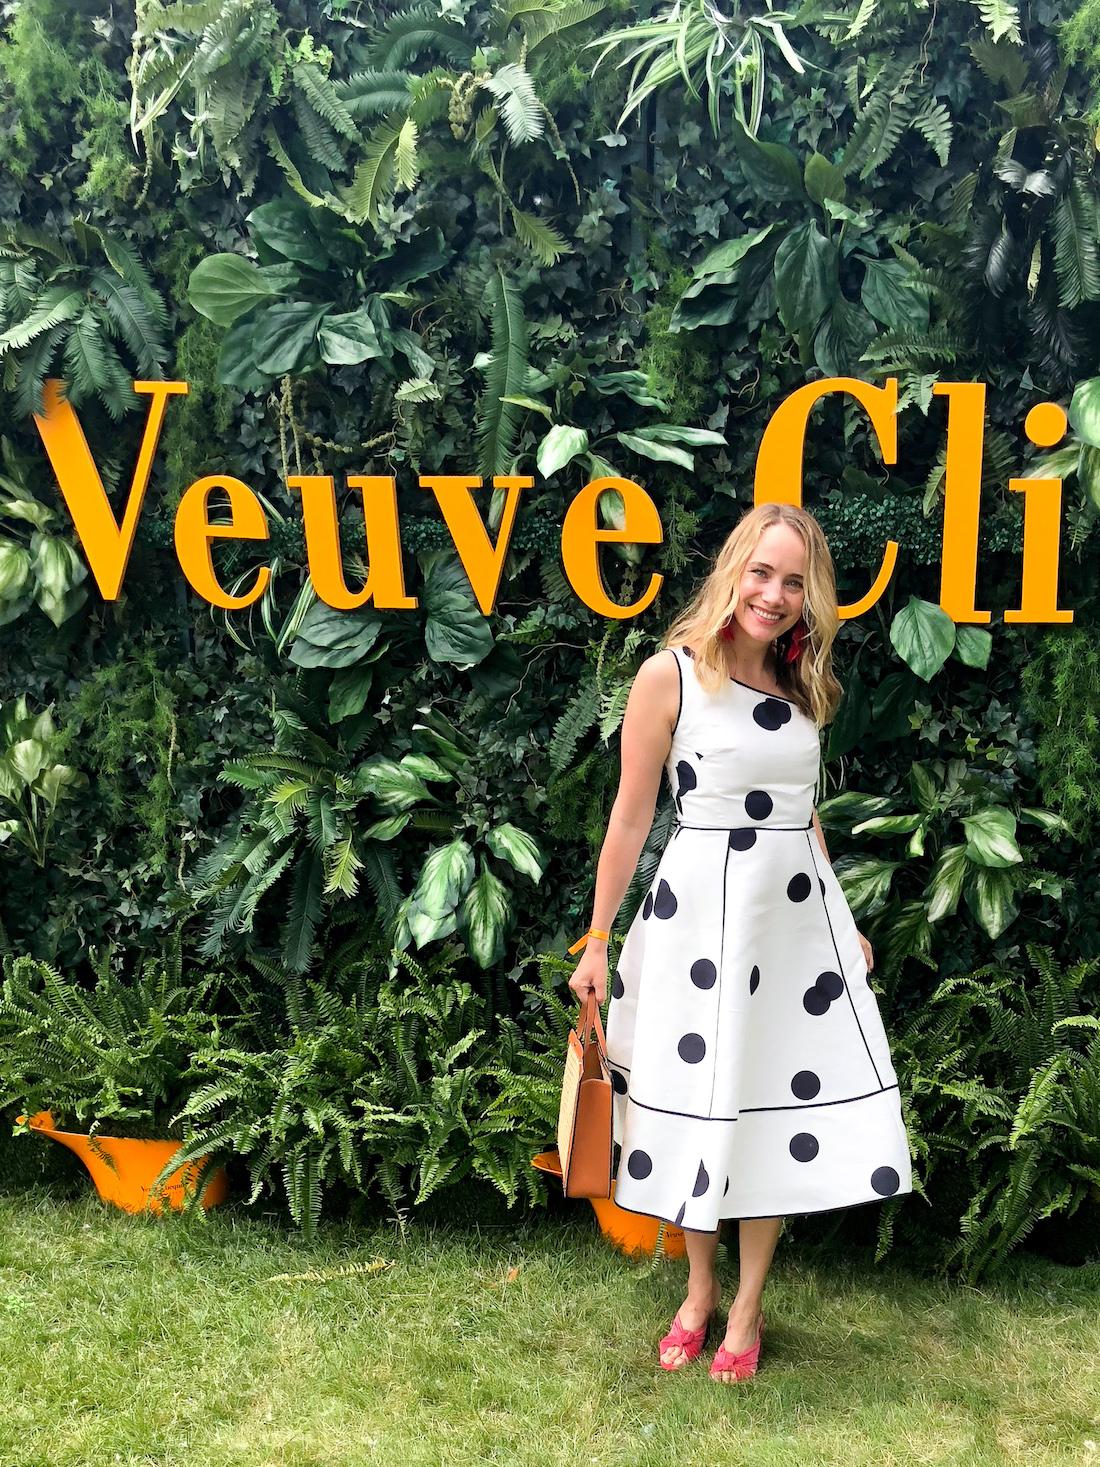 Grace in the Veuve Clicquot Polo Classic 2018 - The Stripe